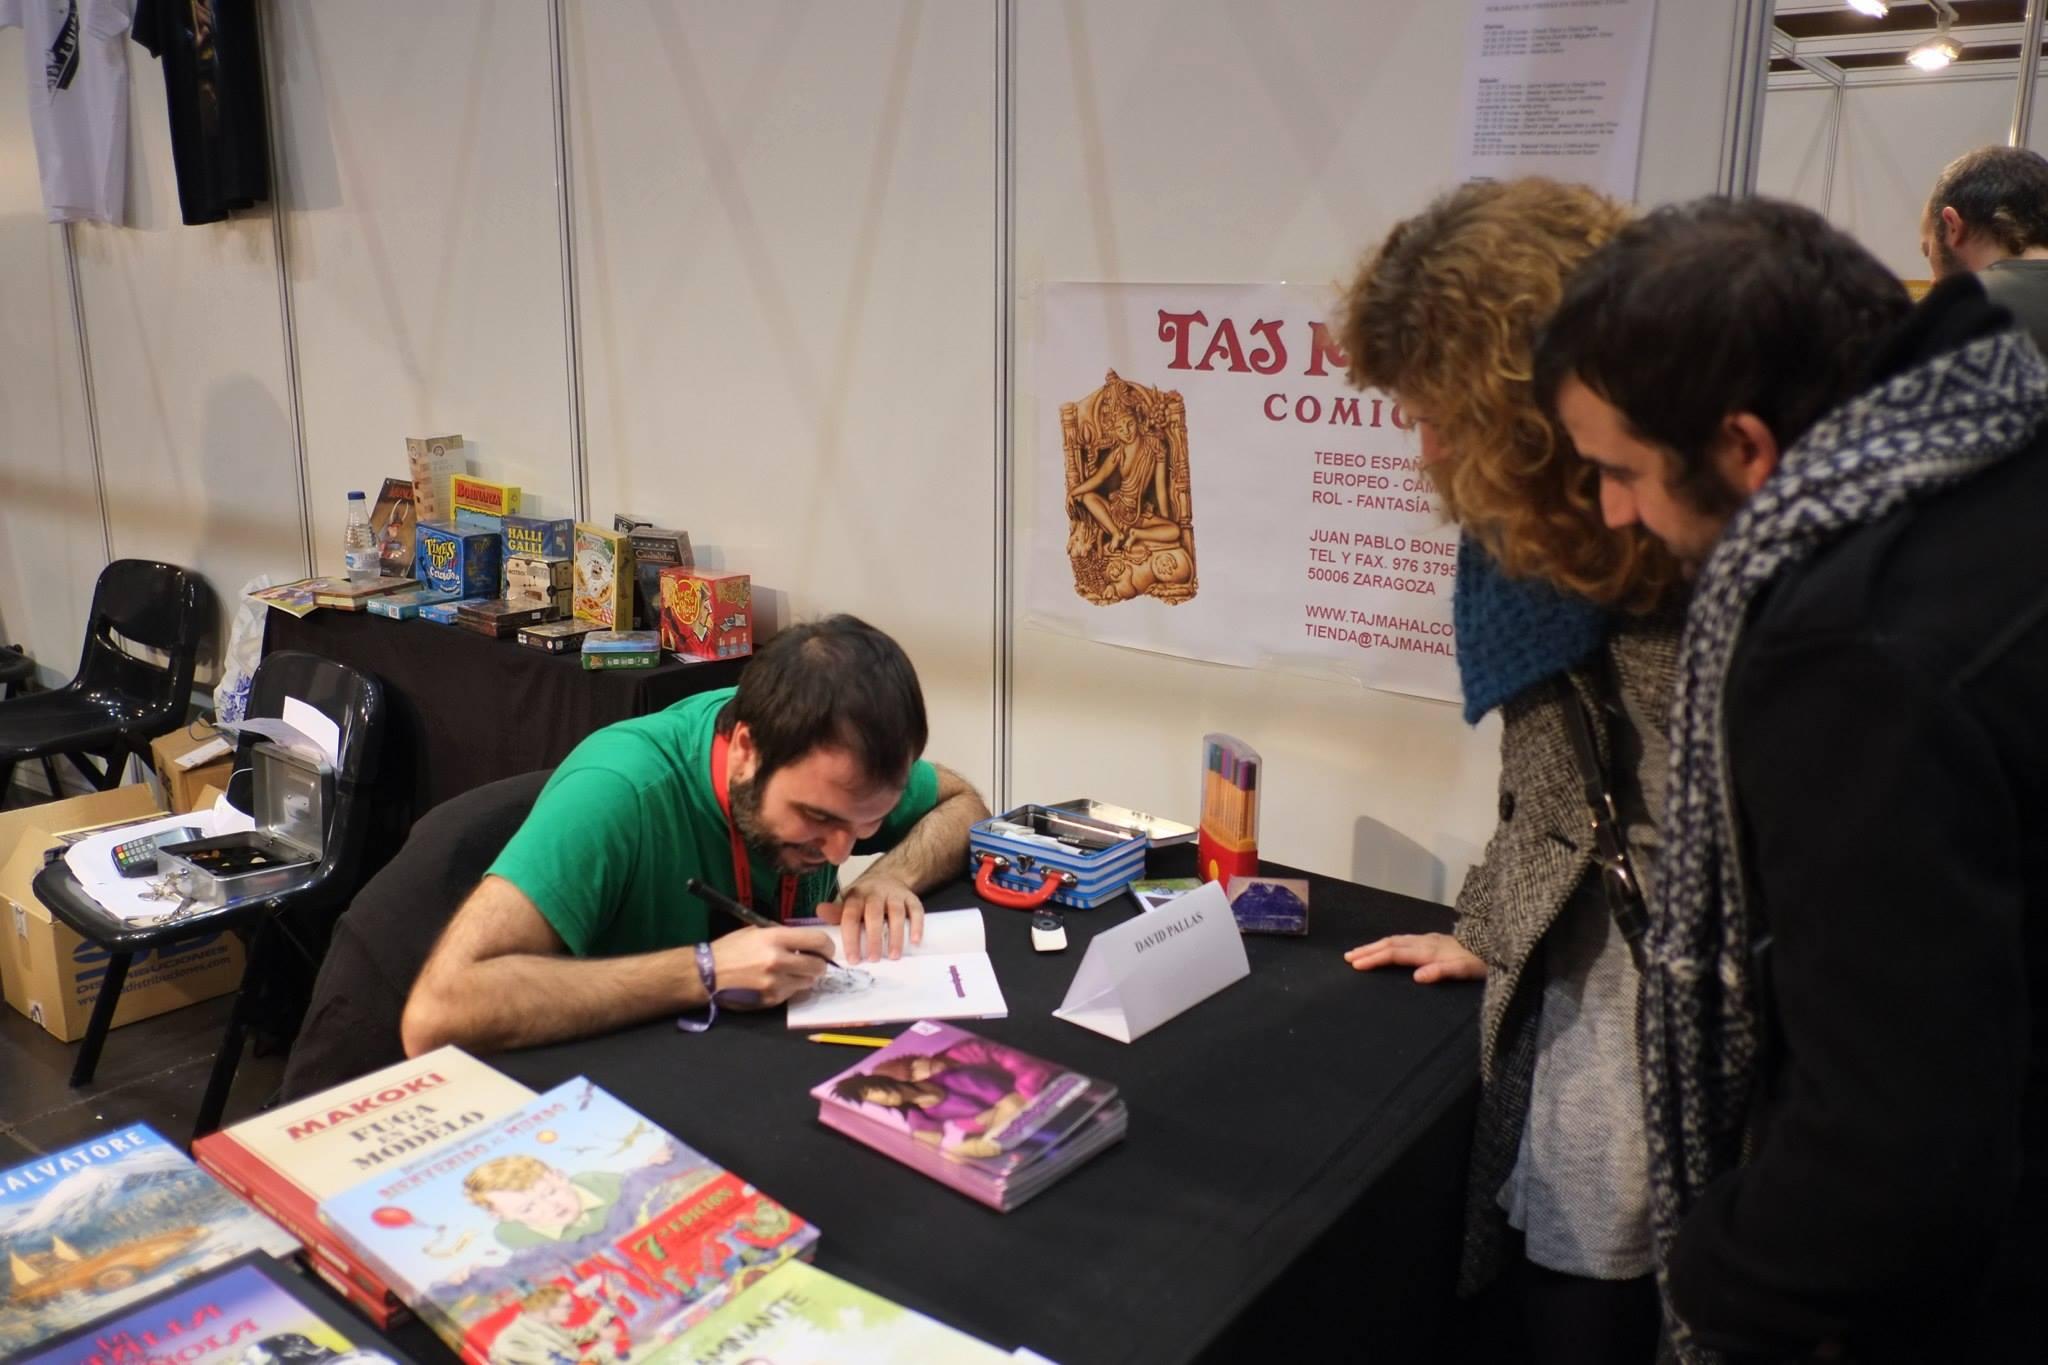 Salón_del_Comic_2015_David_Pallás_Gozalo__Firma_Los_Príncipes_Morados_1